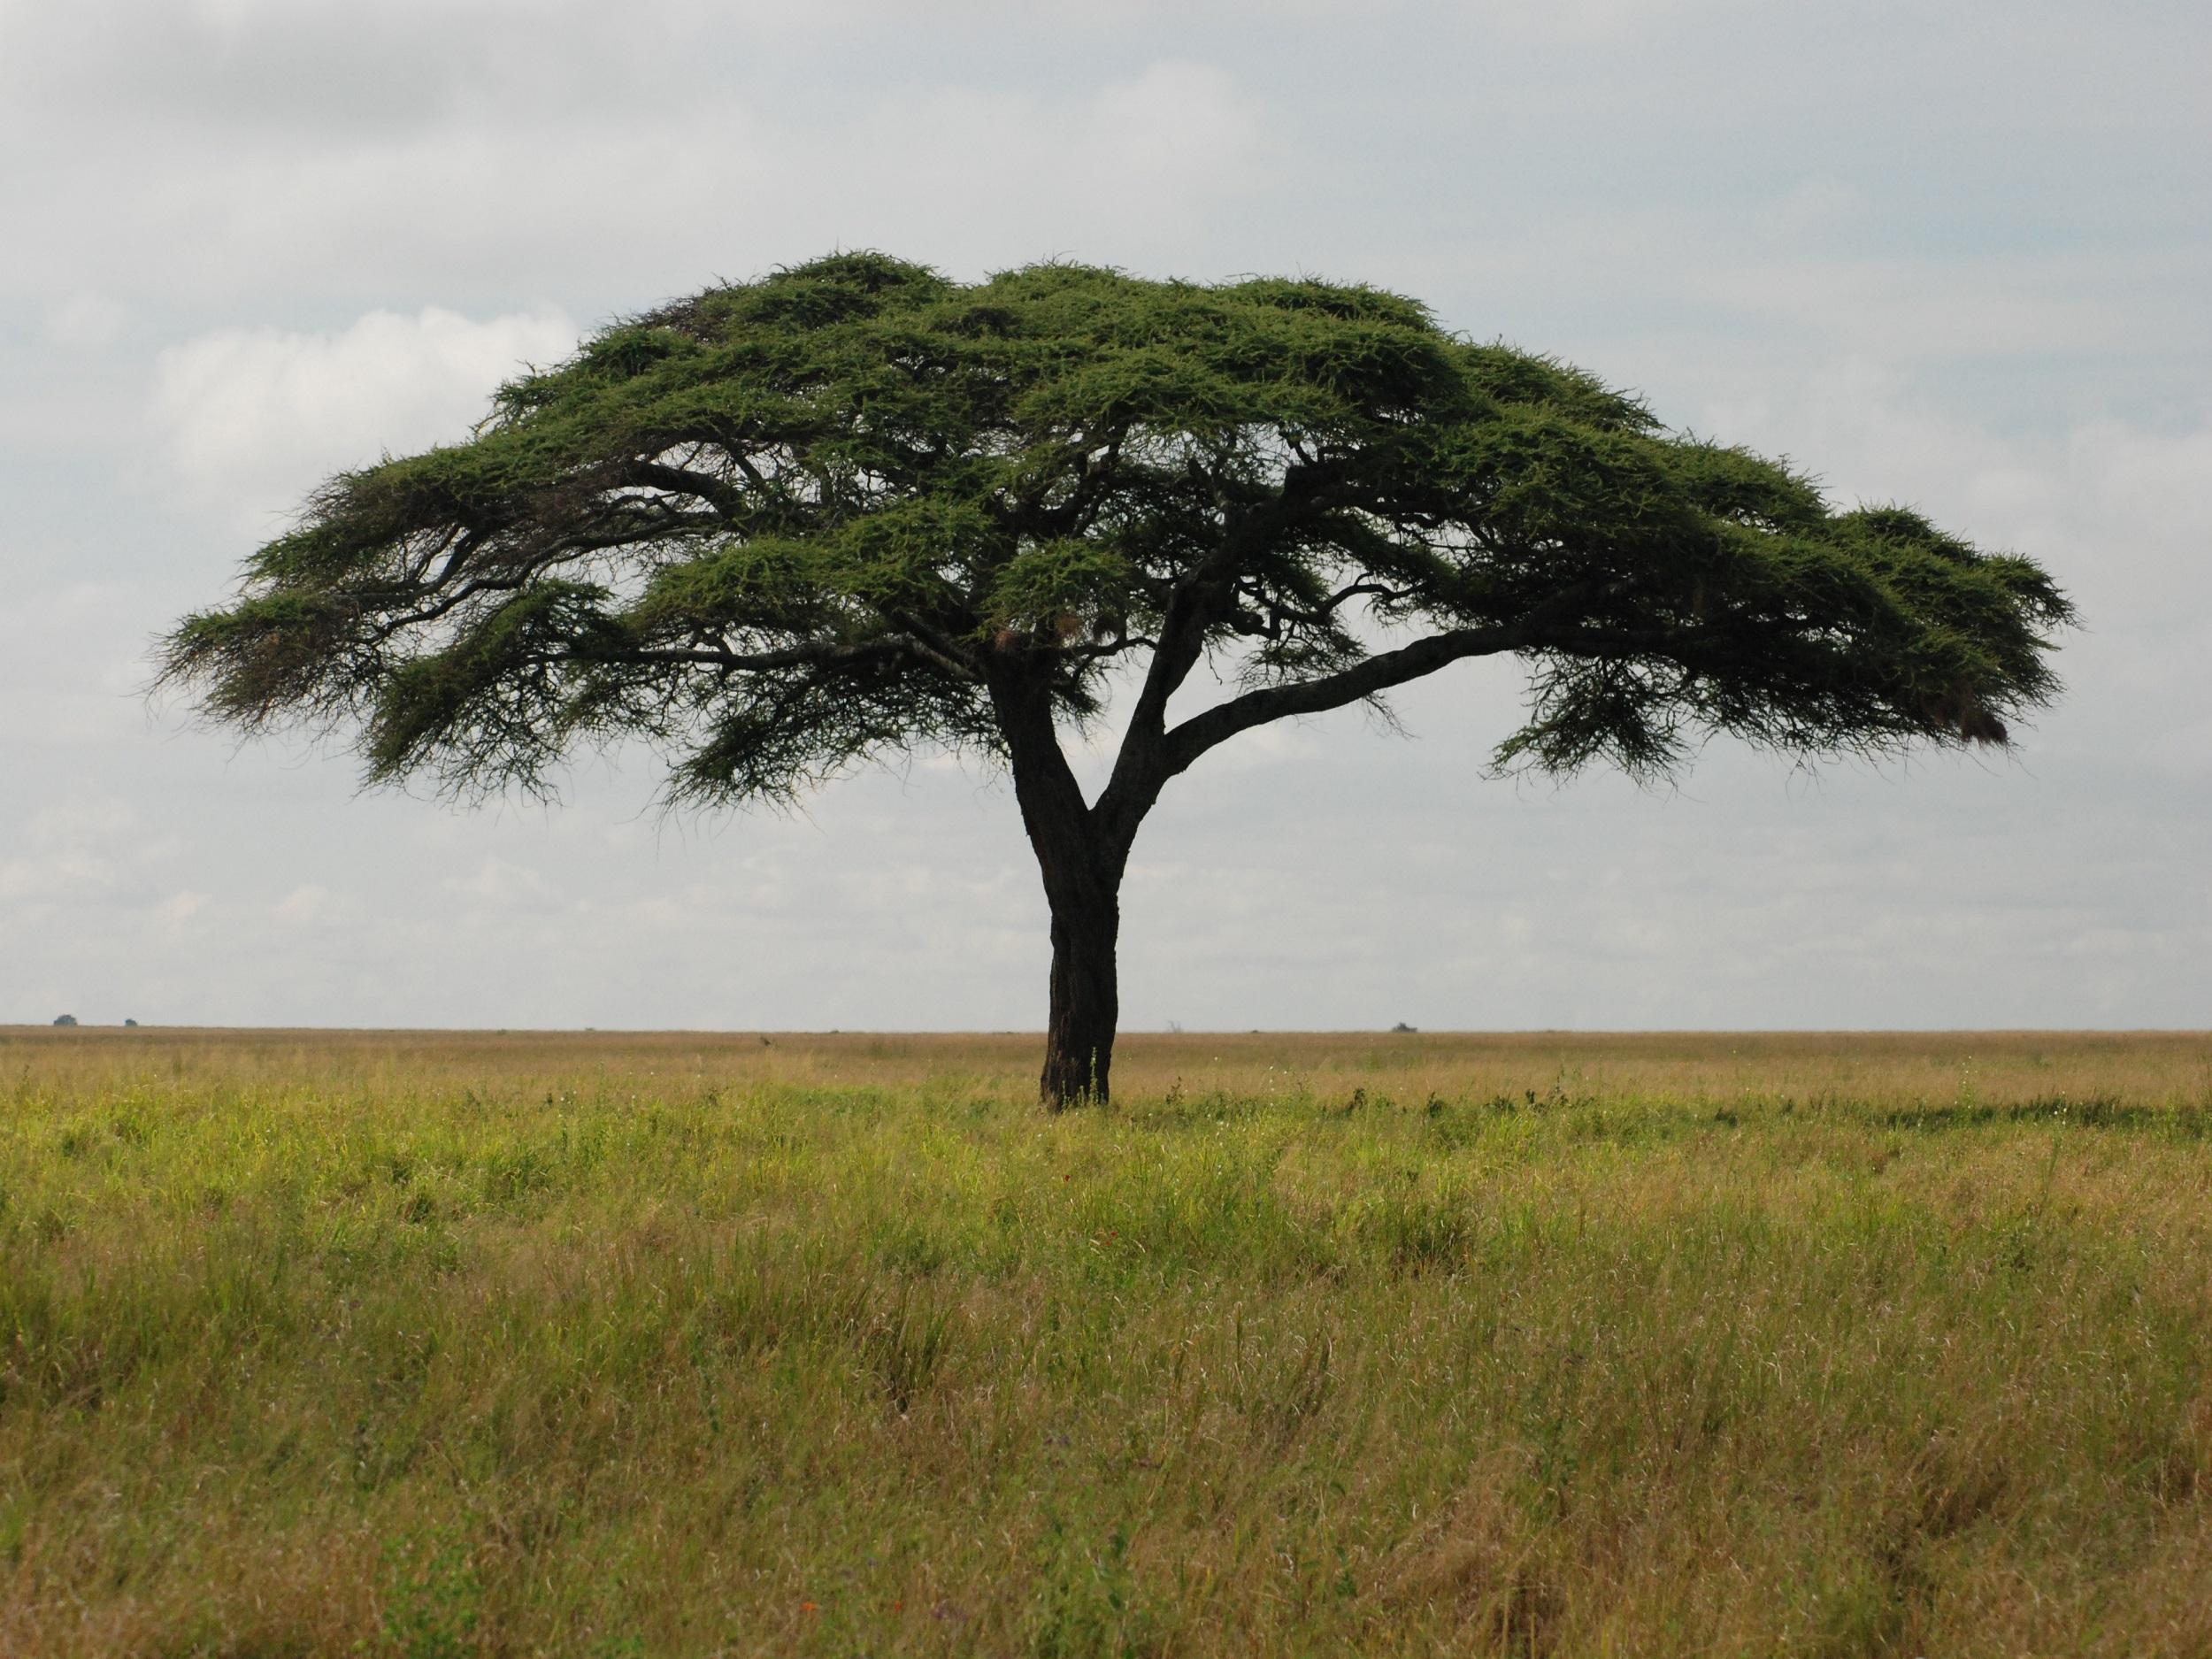 Nairobi to Cape Town Overland